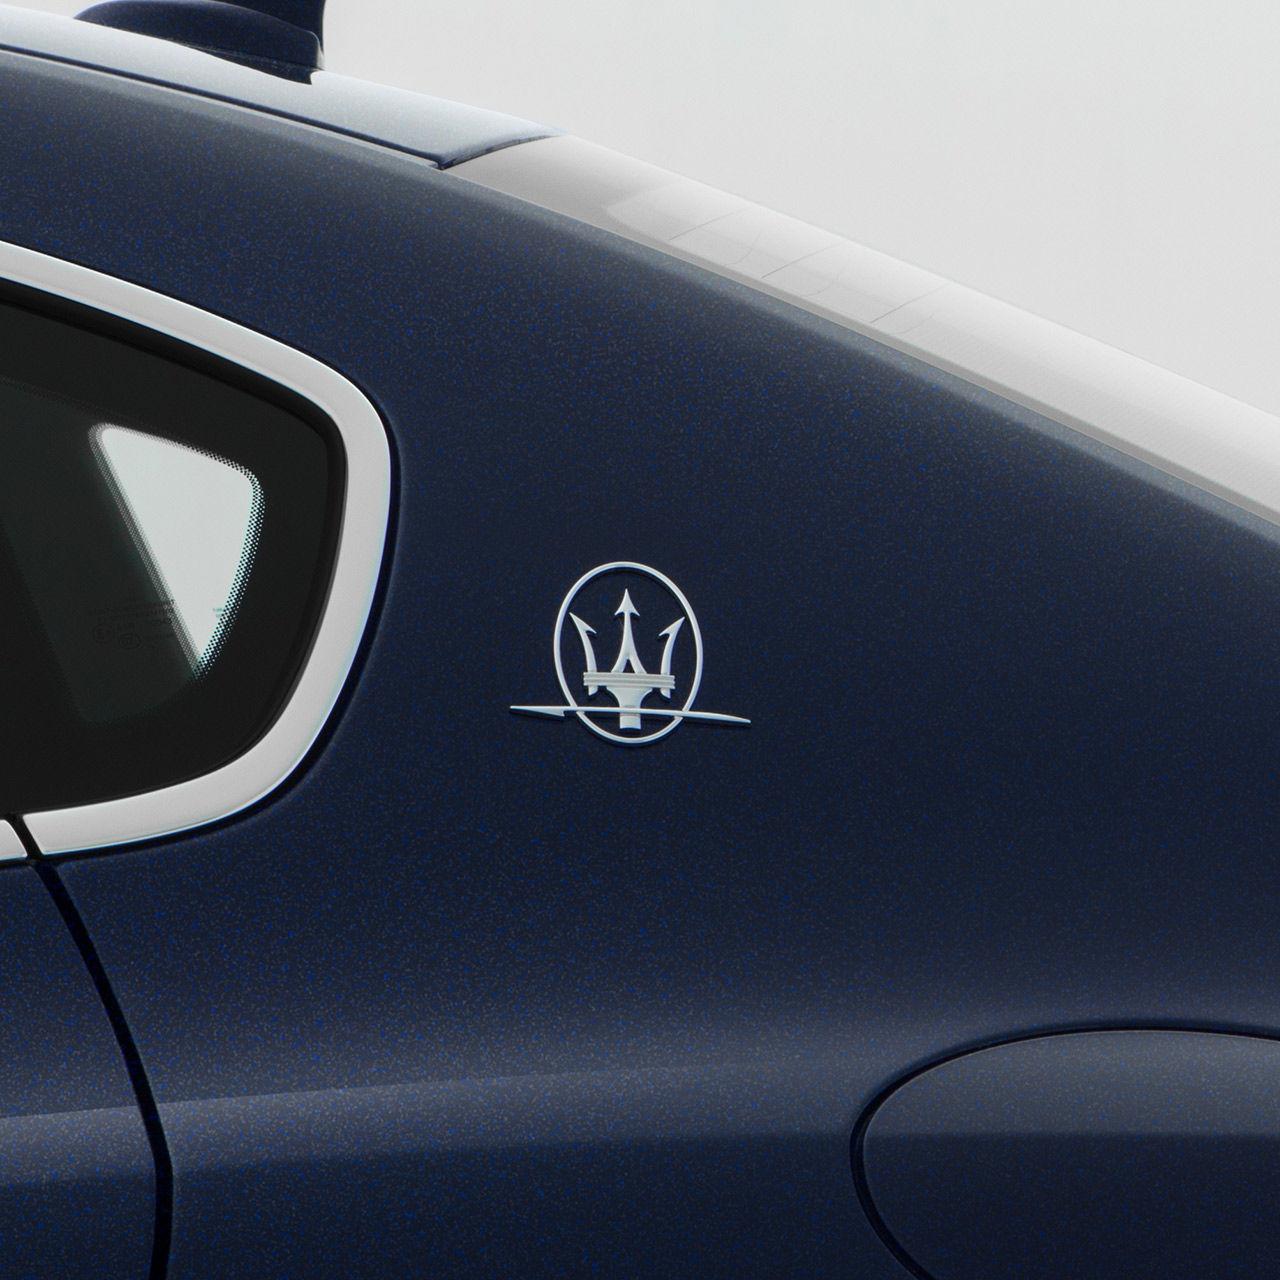 Maserati Quattroporte - Saetta Logo